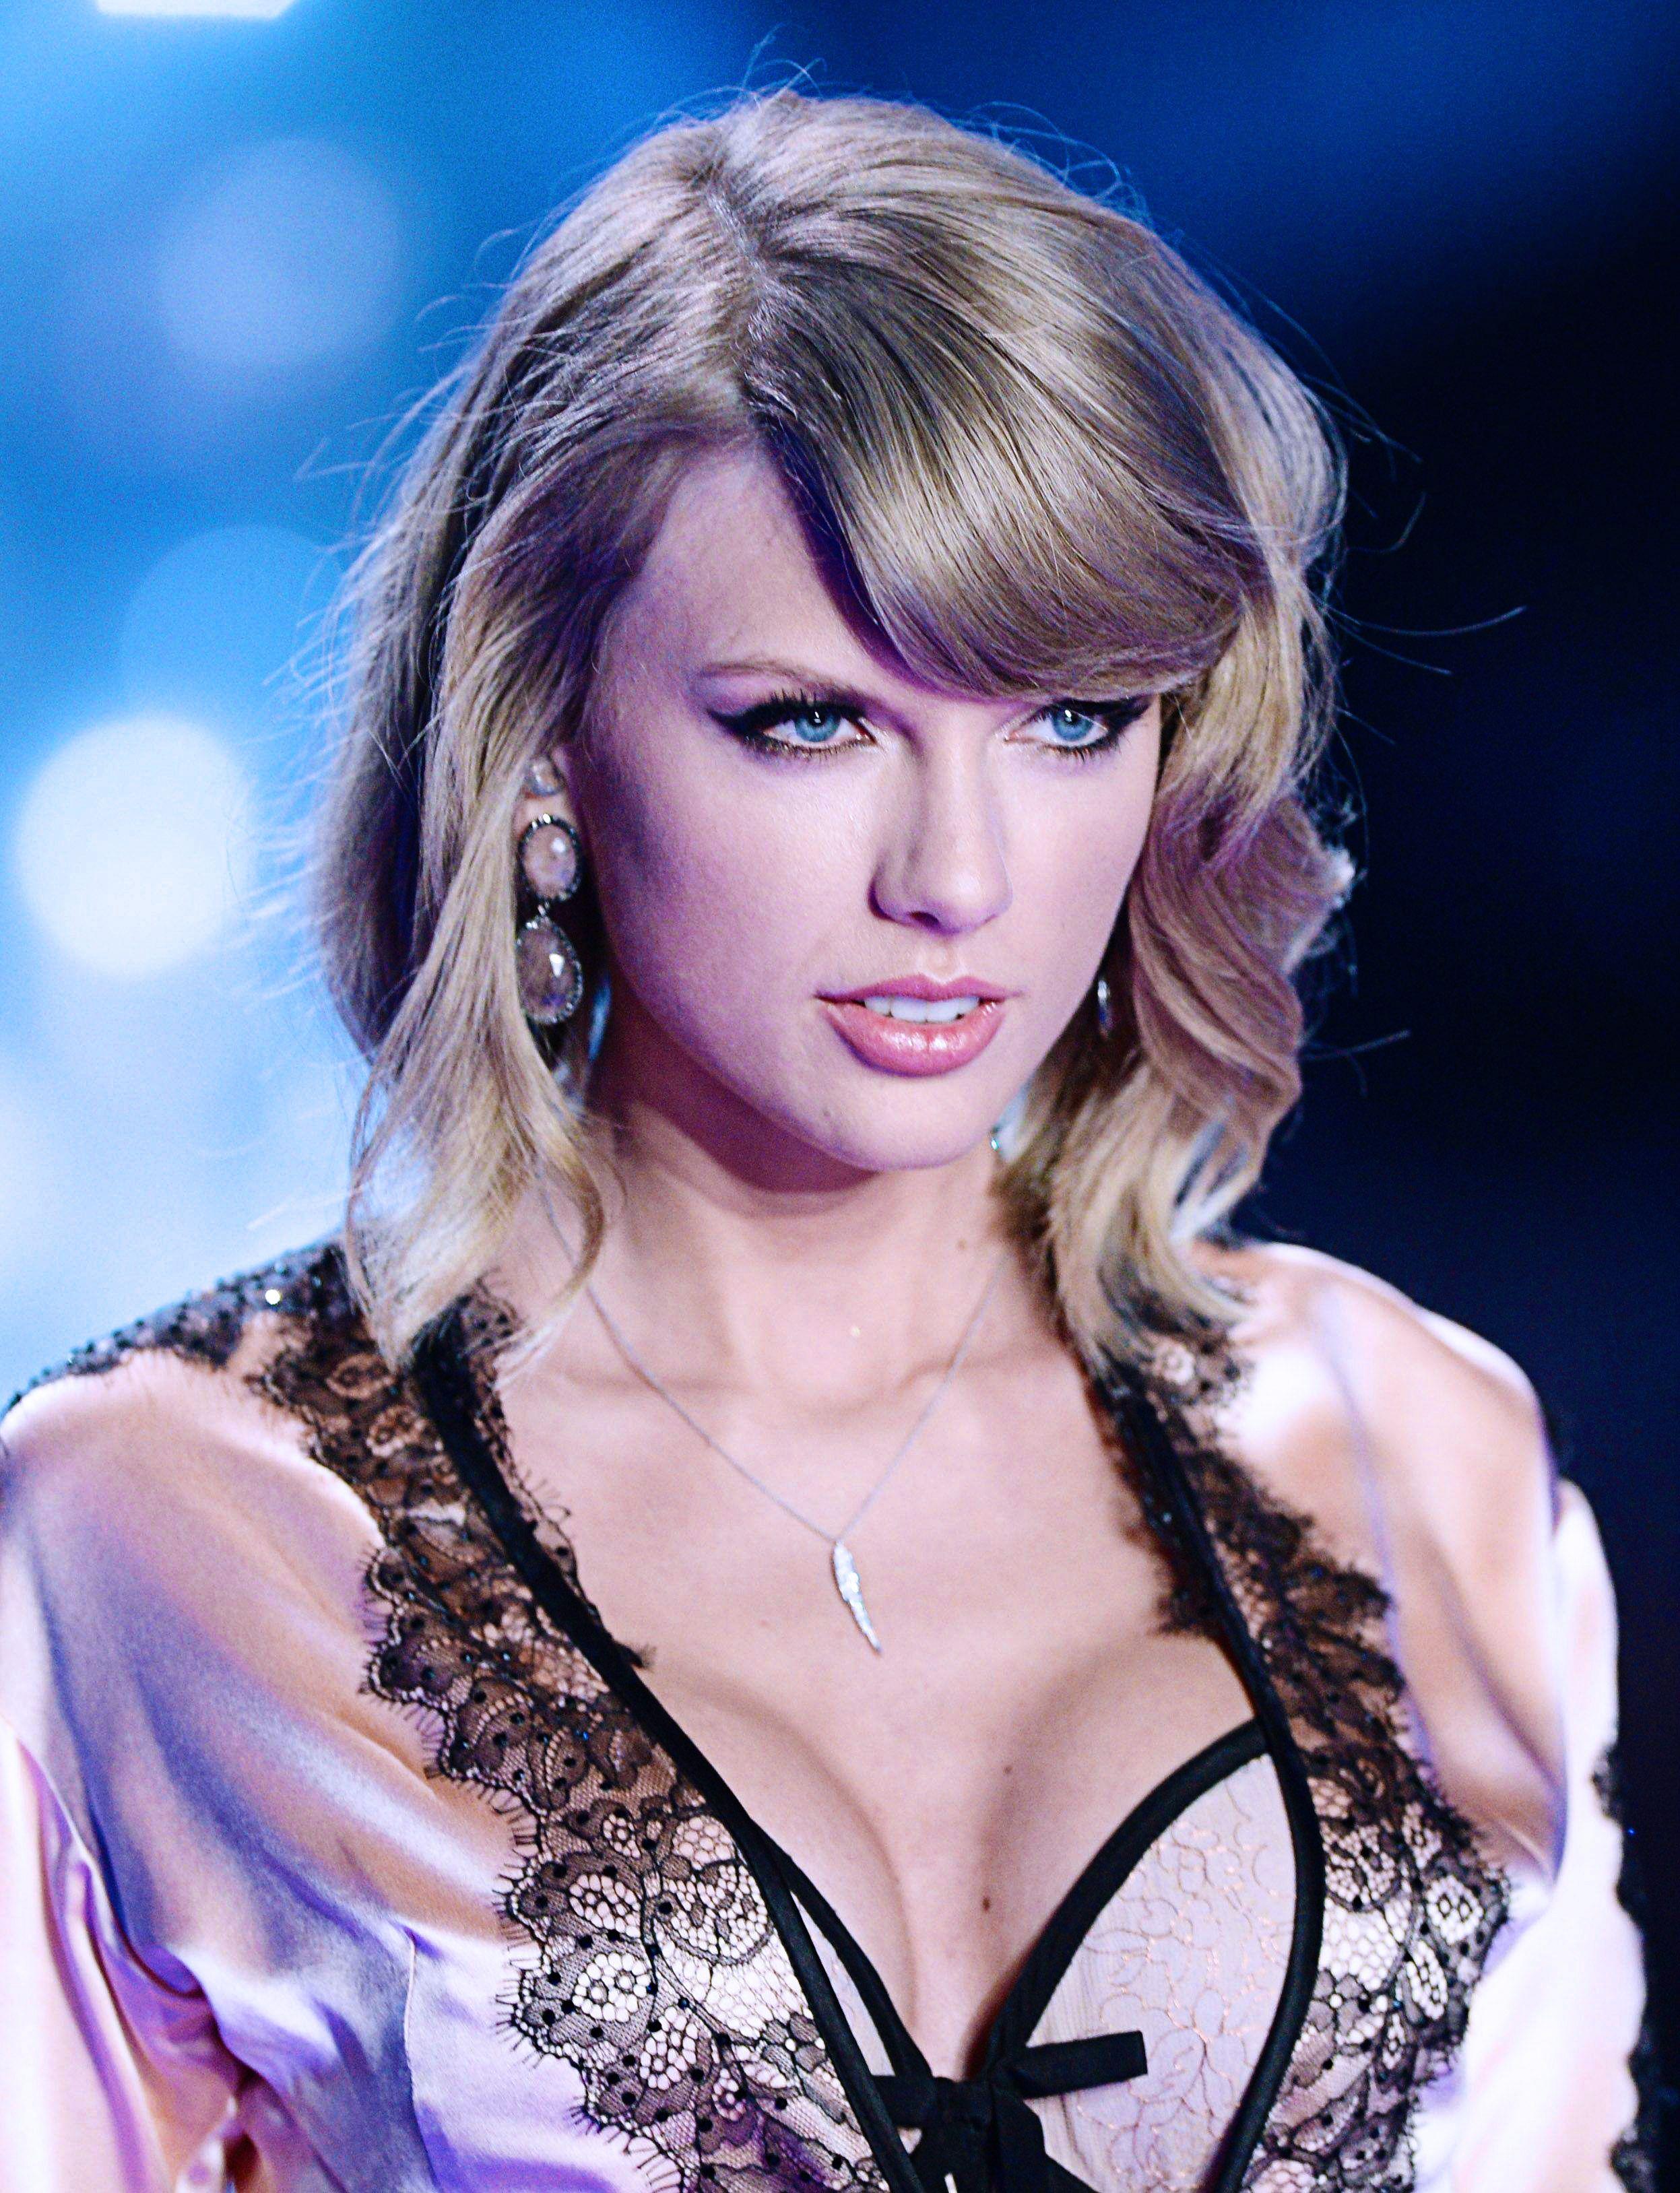 Taylor Swift Taylor Swift Hot Taylor Swift Pictures Long Live